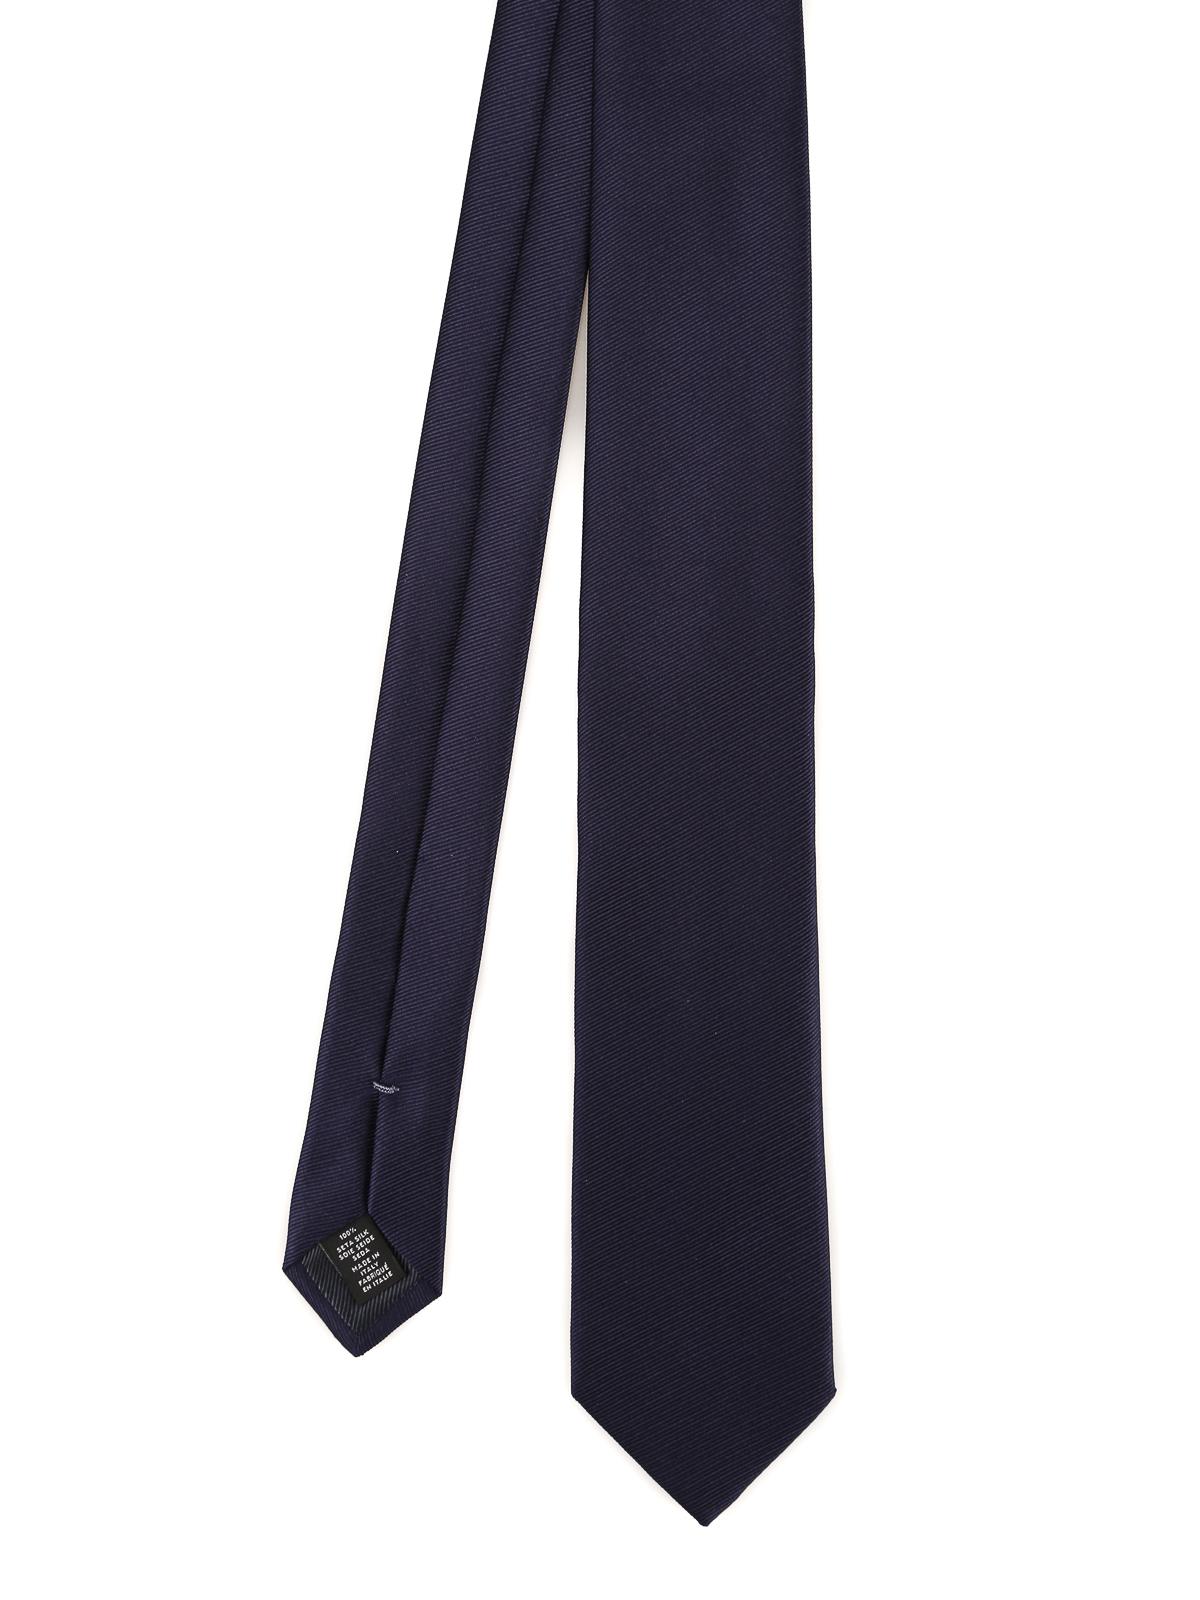 zegna krawatte